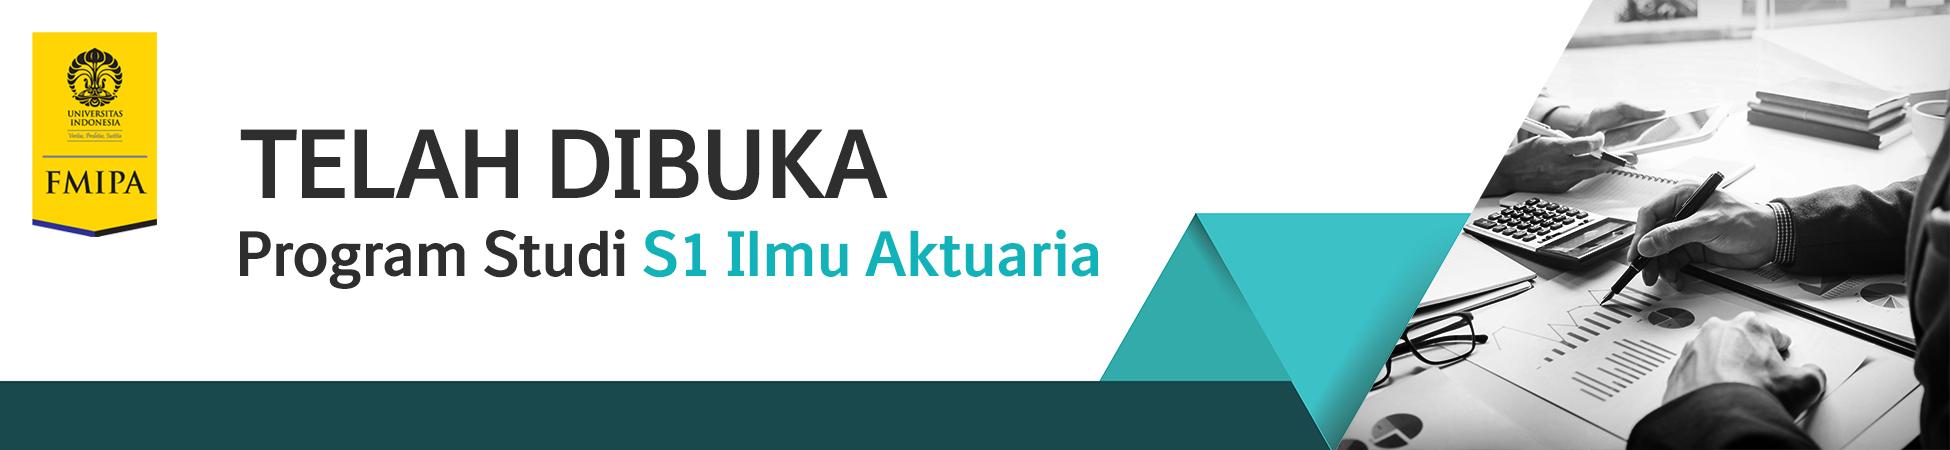 Web-Banner-Prodi-Aktuaria